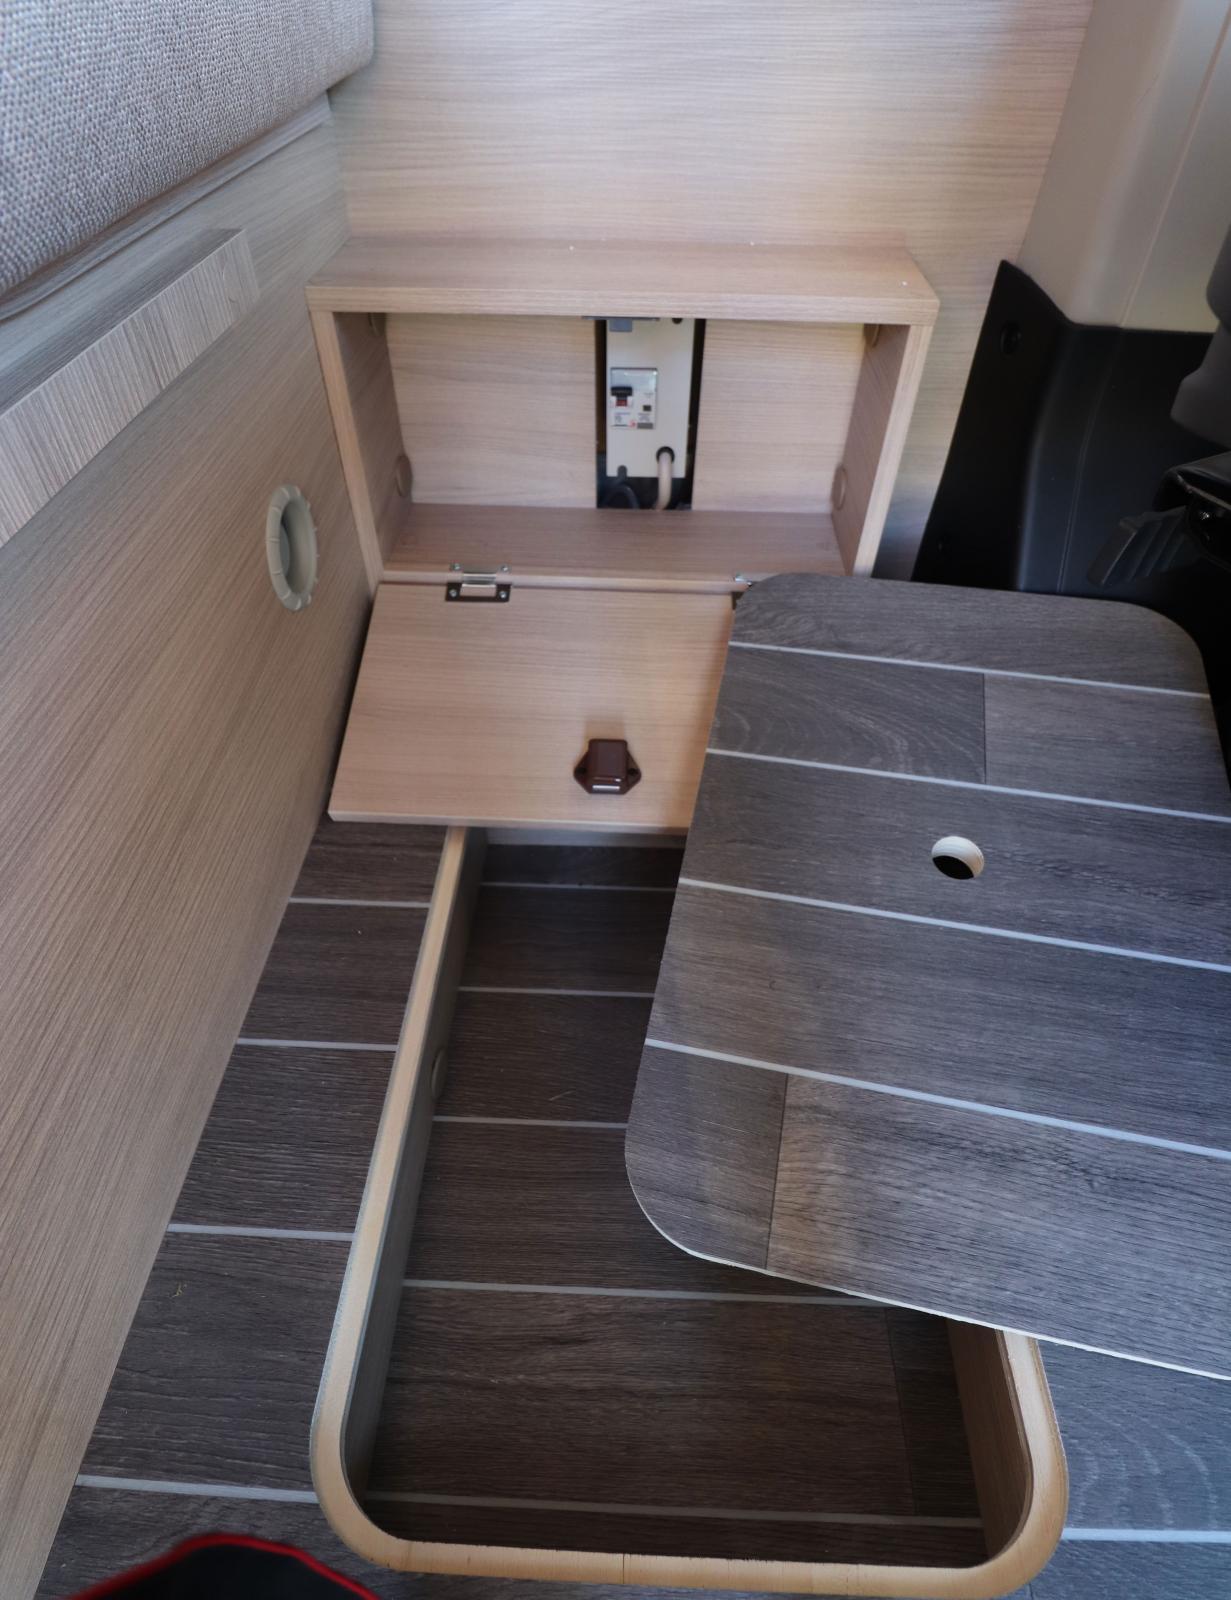 Under bordet finns två luckor, på ytterväggen och i golvet.